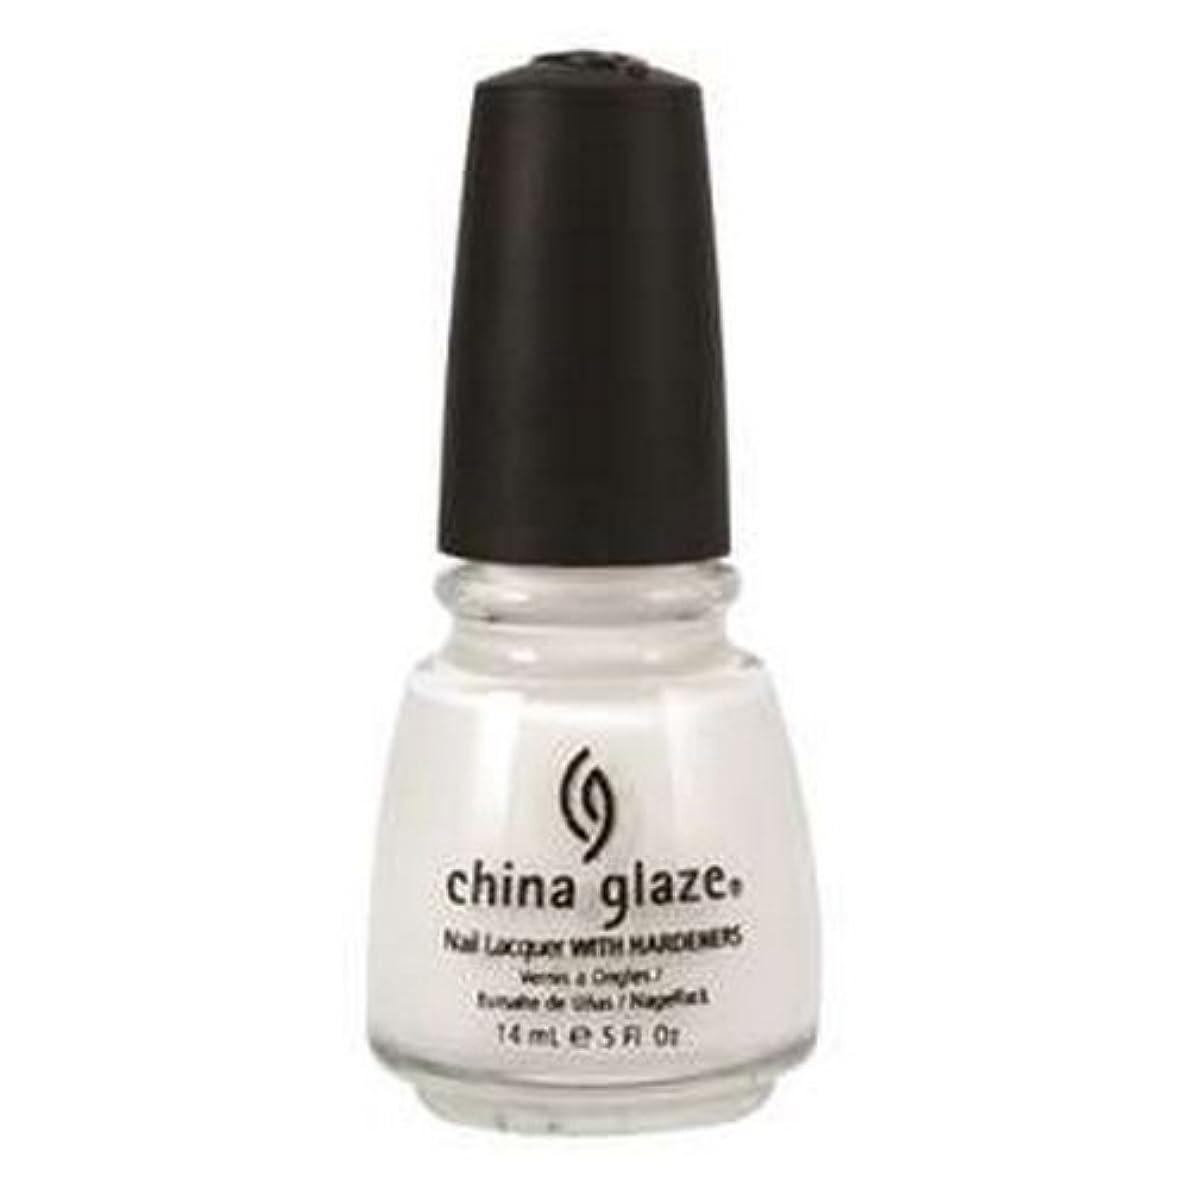 襟圧縮するオーストラリア人CHINA GLAZE Nail Lacquer with Nail Hardner 2 - Snow (並行輸入品)